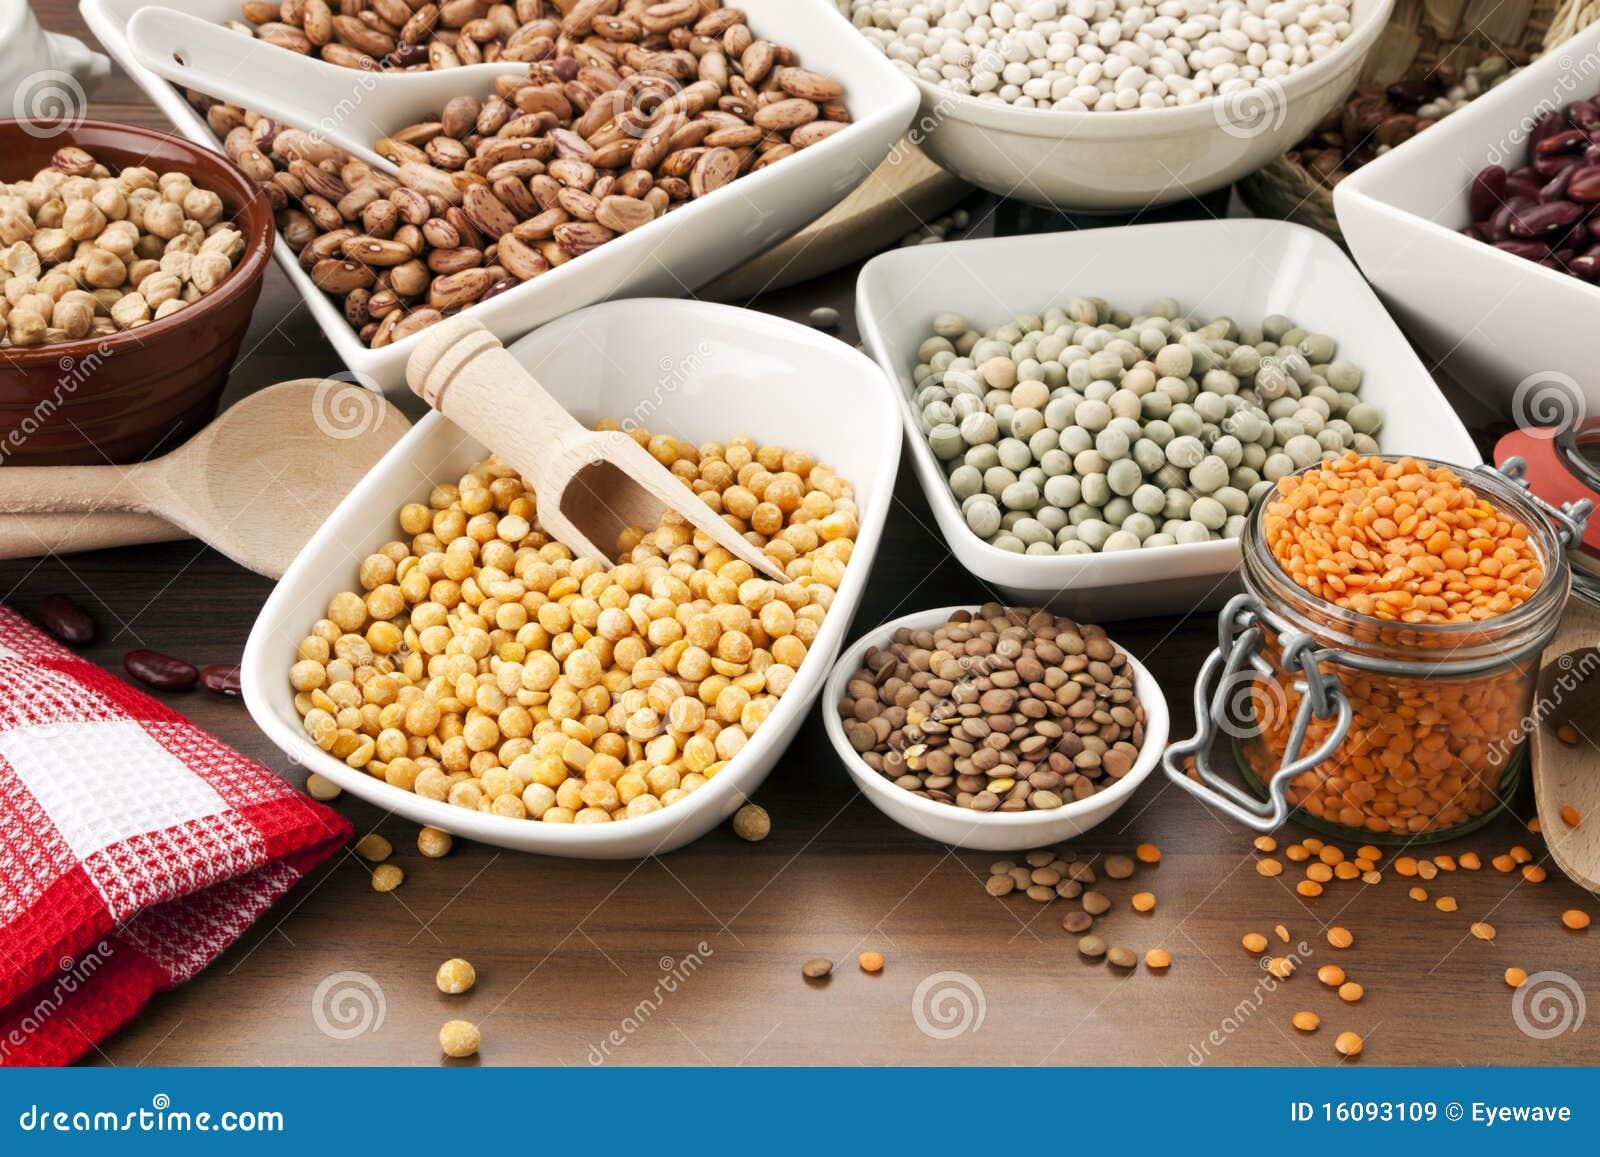 Przygotowania pucharów legumes stół różnorodny